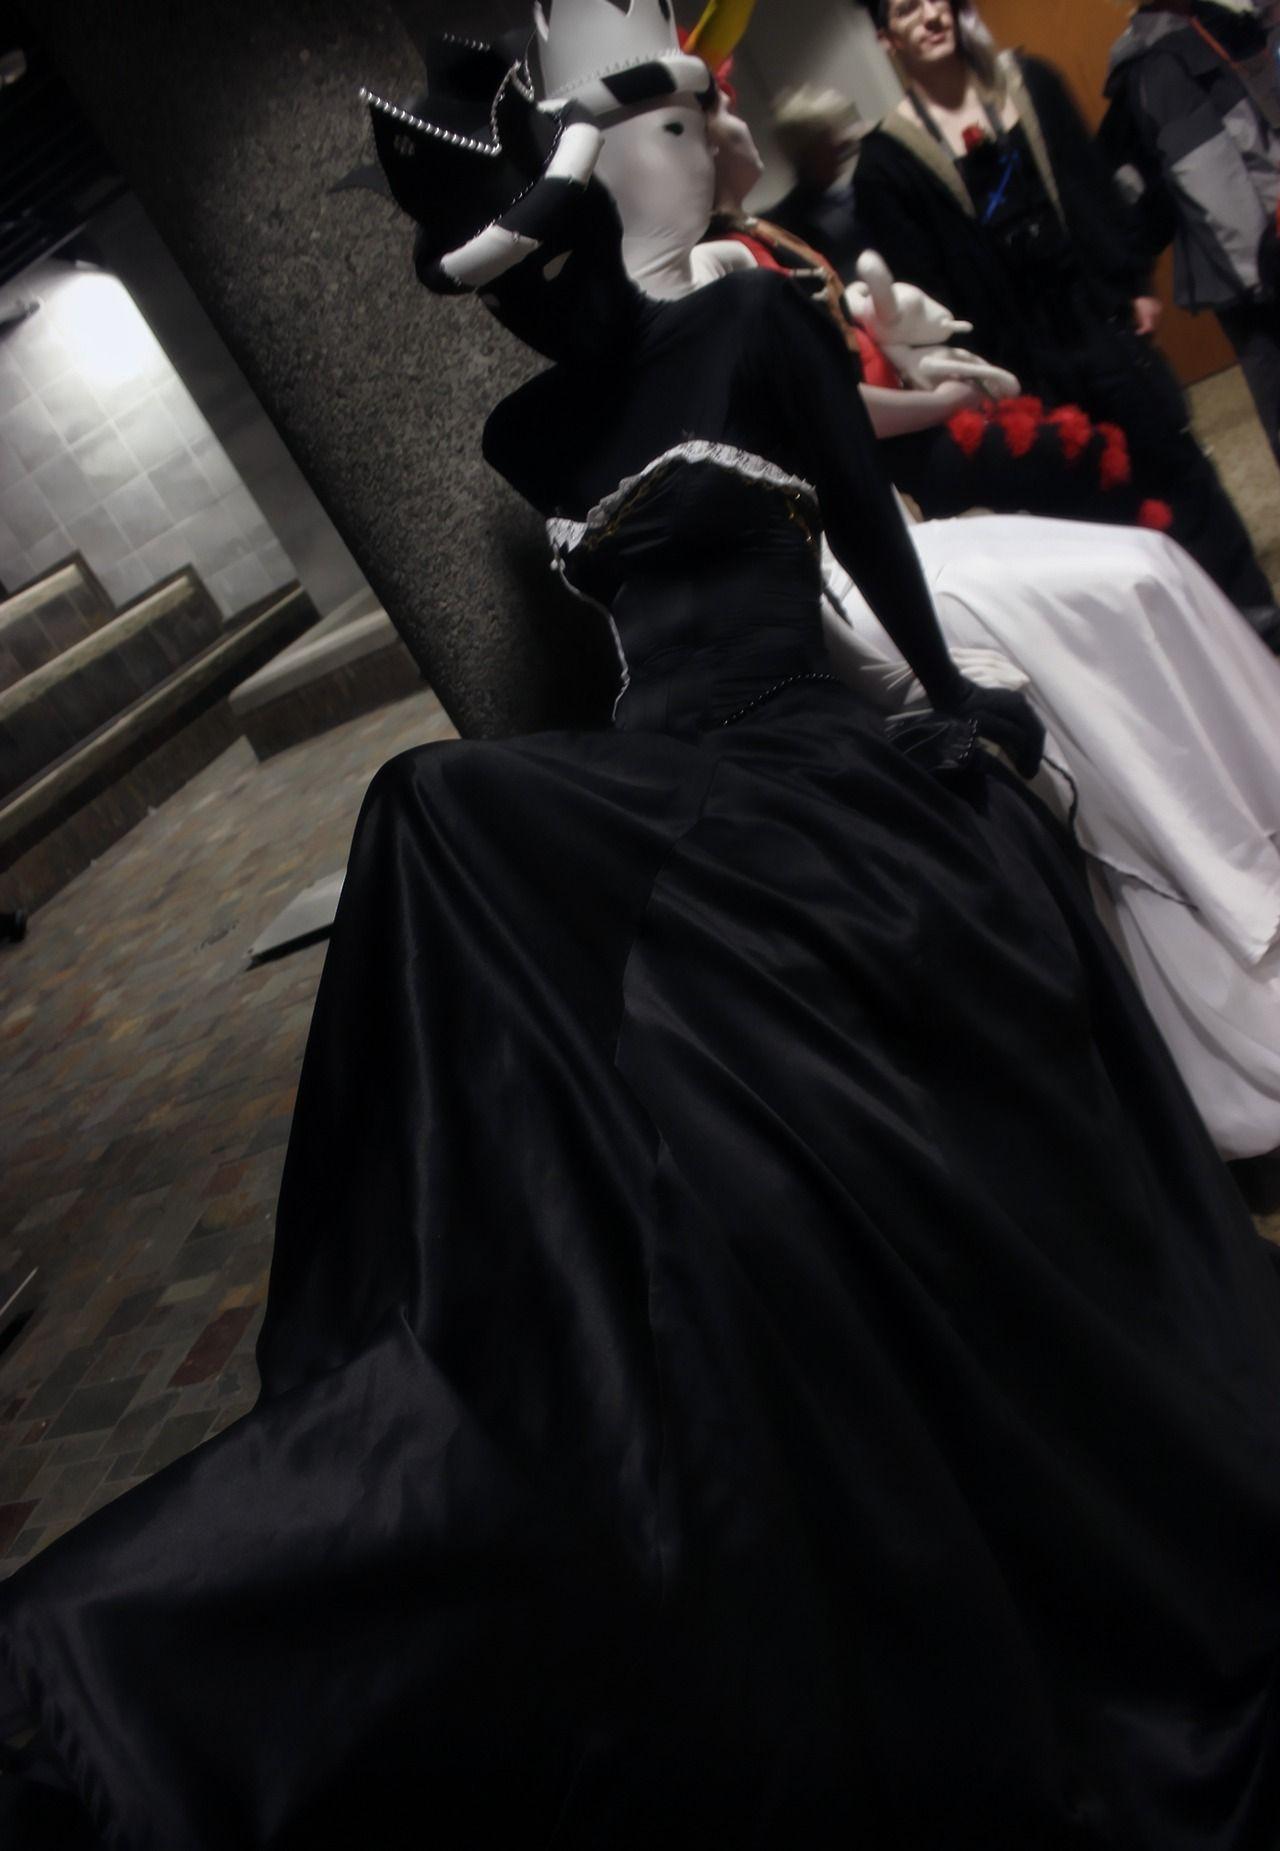 Captaincrunchcosplay Homestuck Cosplay Black Queen Victorian Dress [ 1851 x 1280 Pixel ]